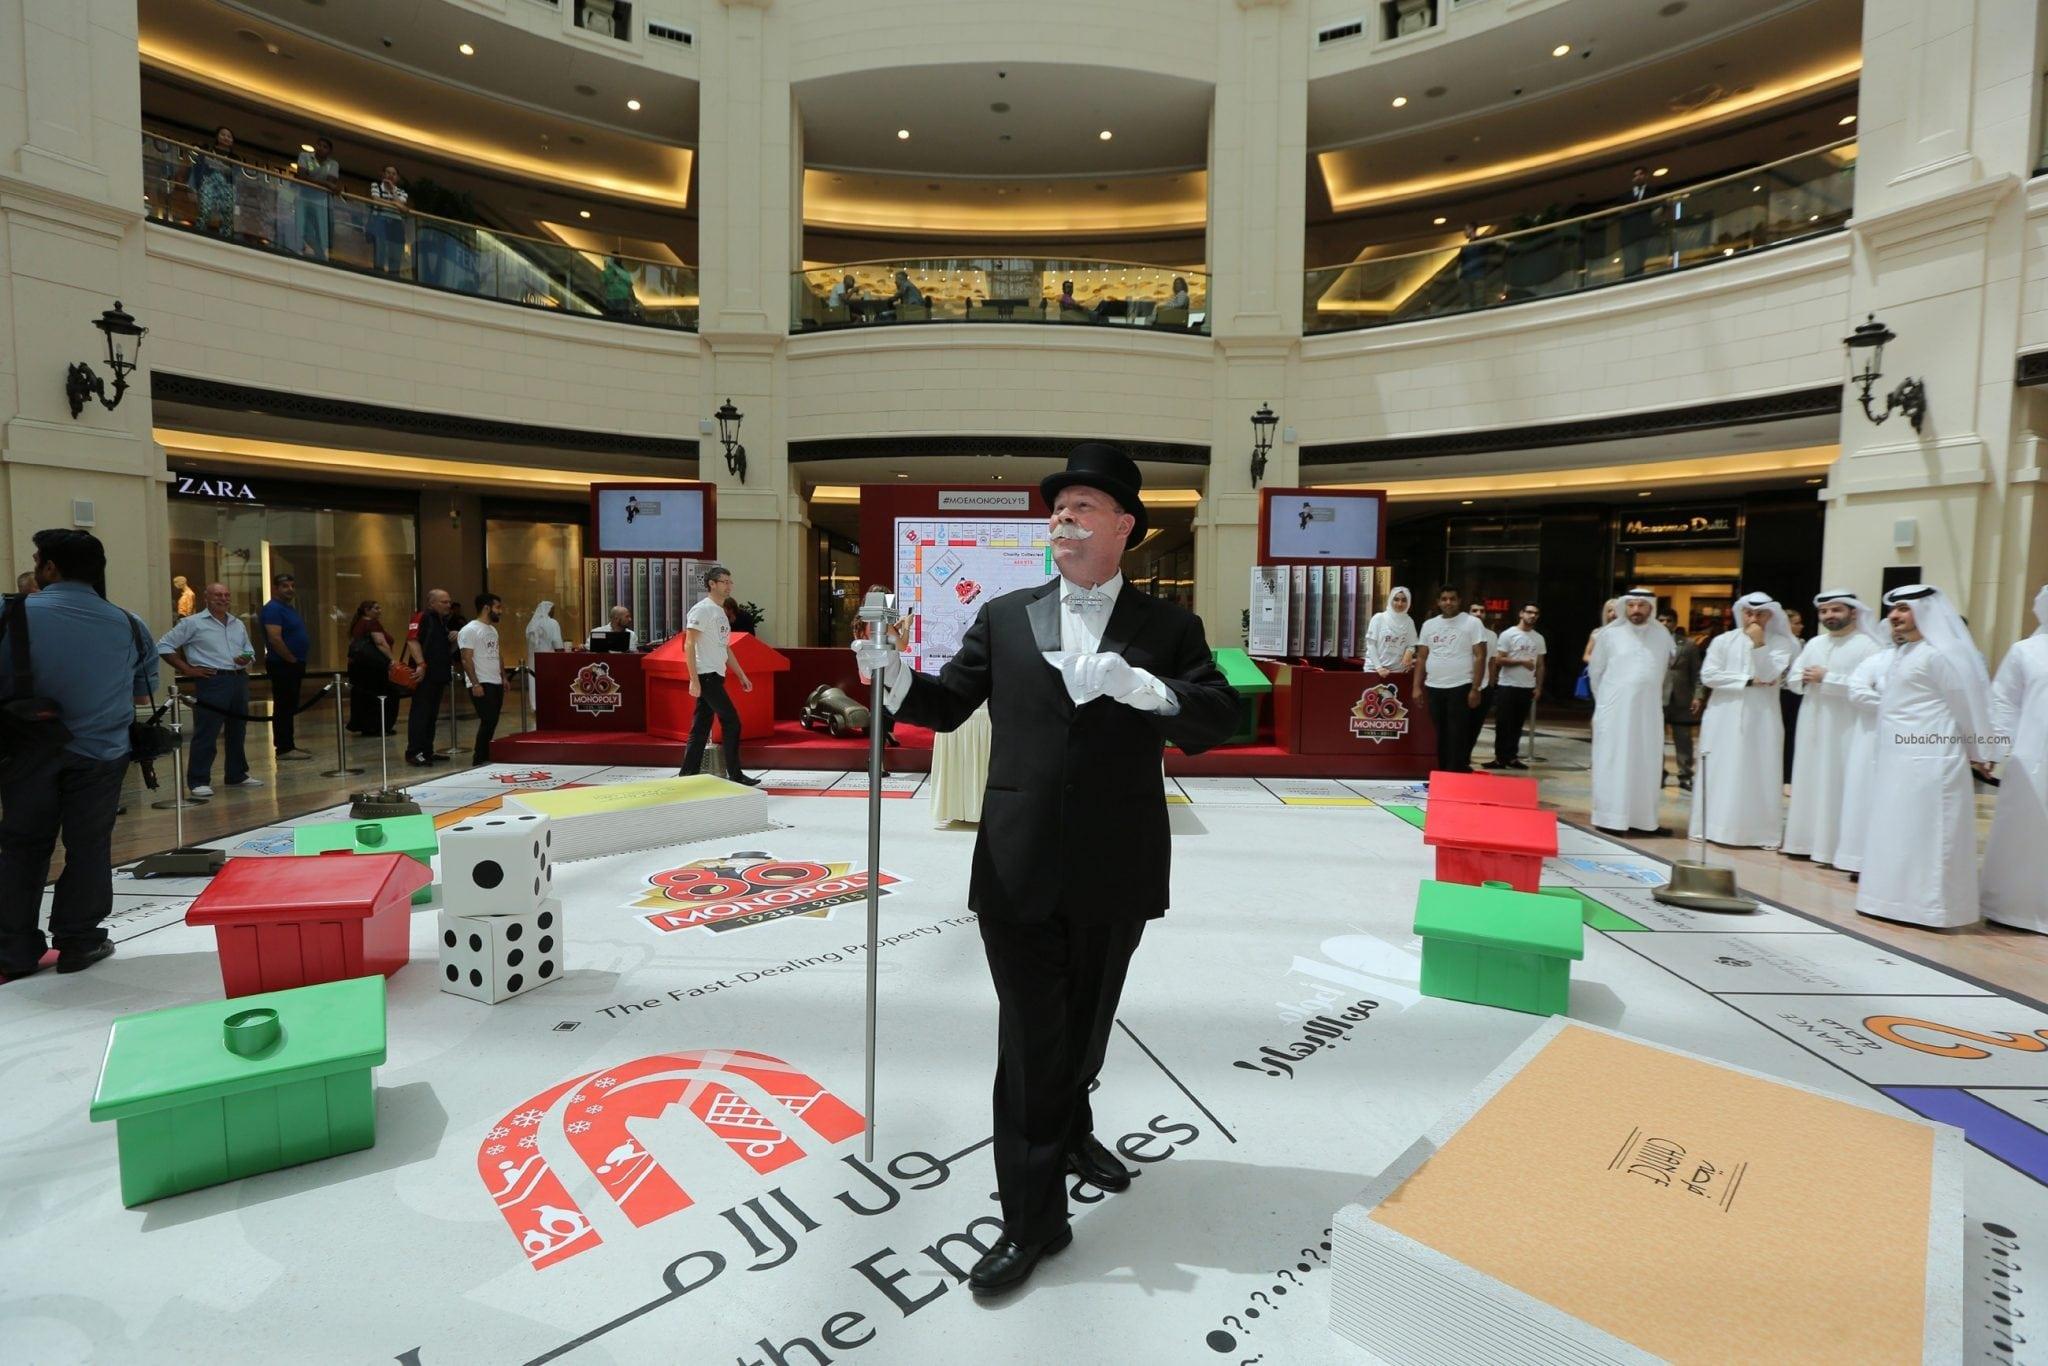 UAE Monopoly